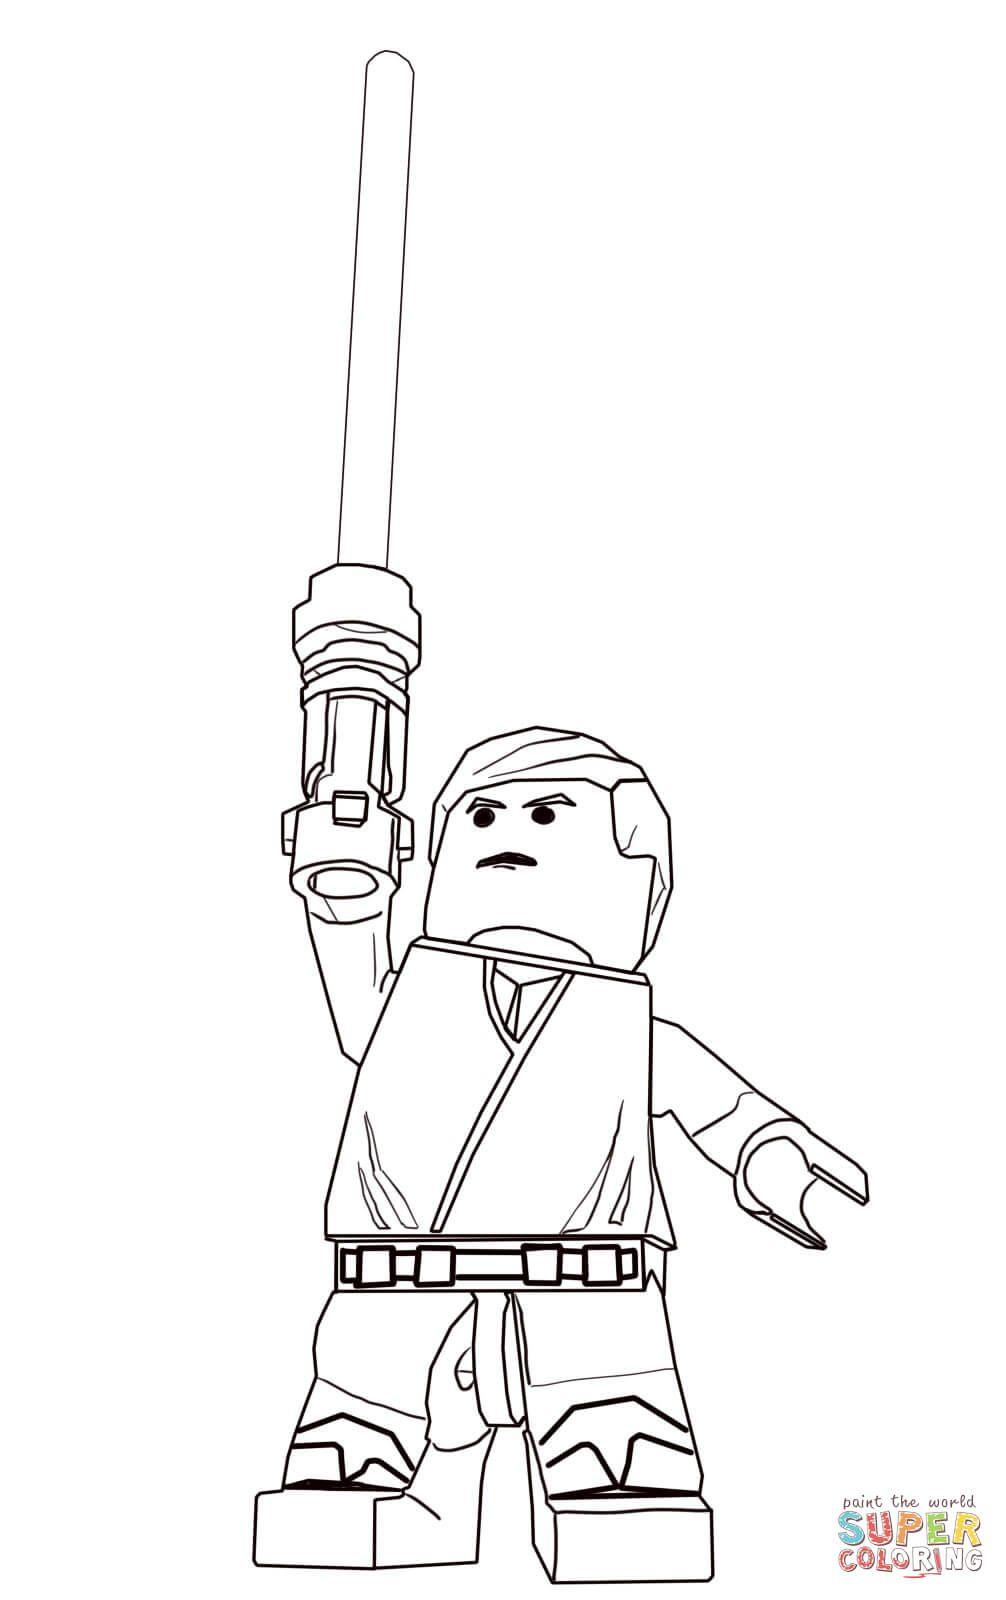 Lego Star Wars Luke Skywalker Super Coloring Lego Coloring Pages Star Wars Colors Star Wars Printables